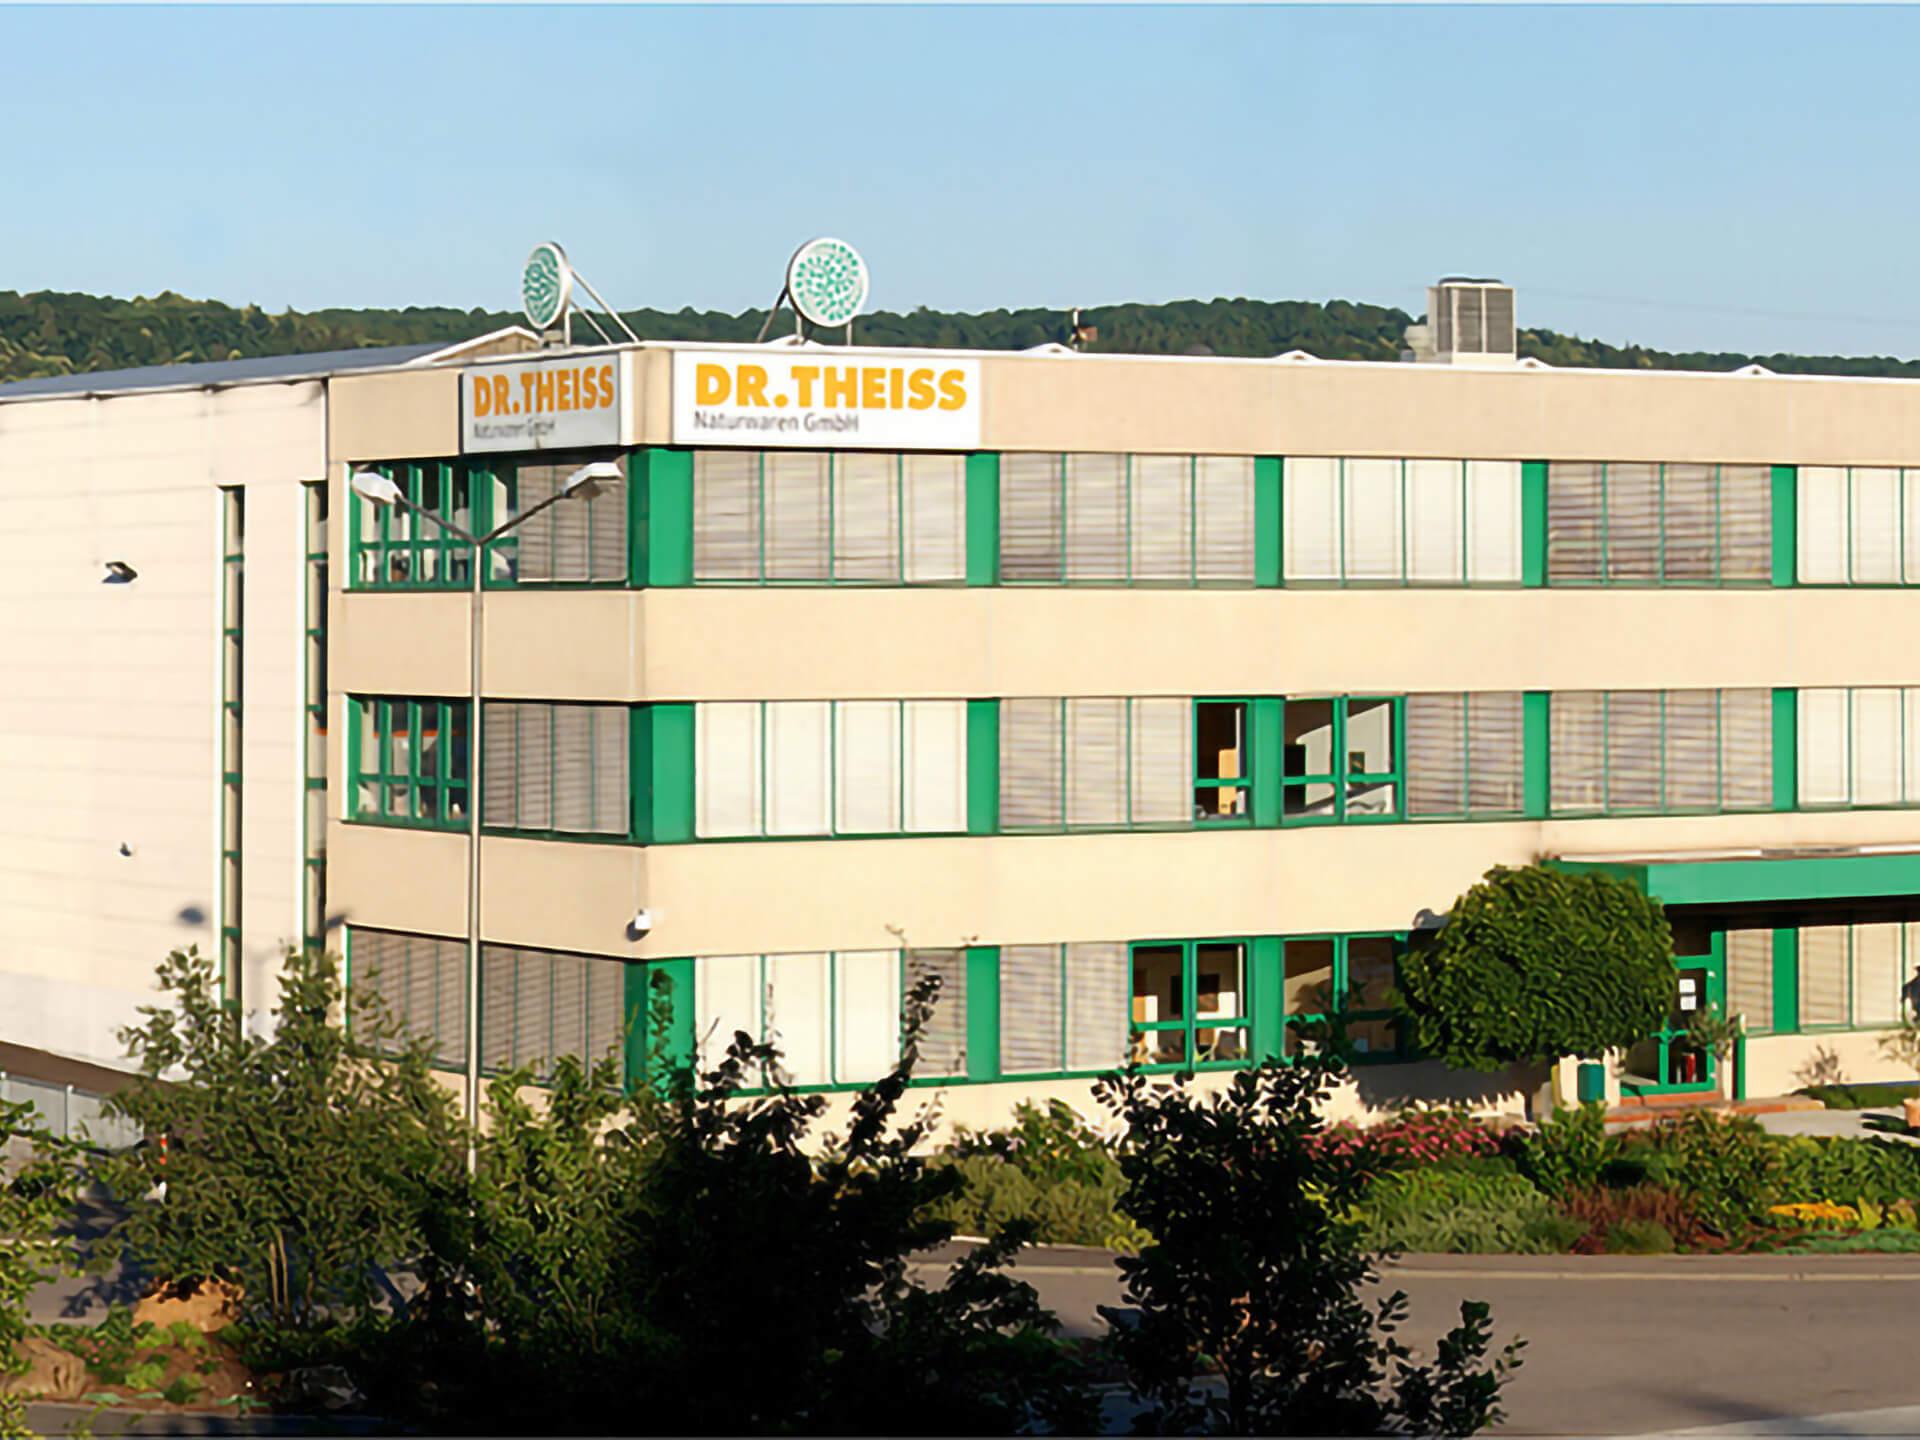 Офис и производствени сгради на Dr. Theiss от 1984 г.